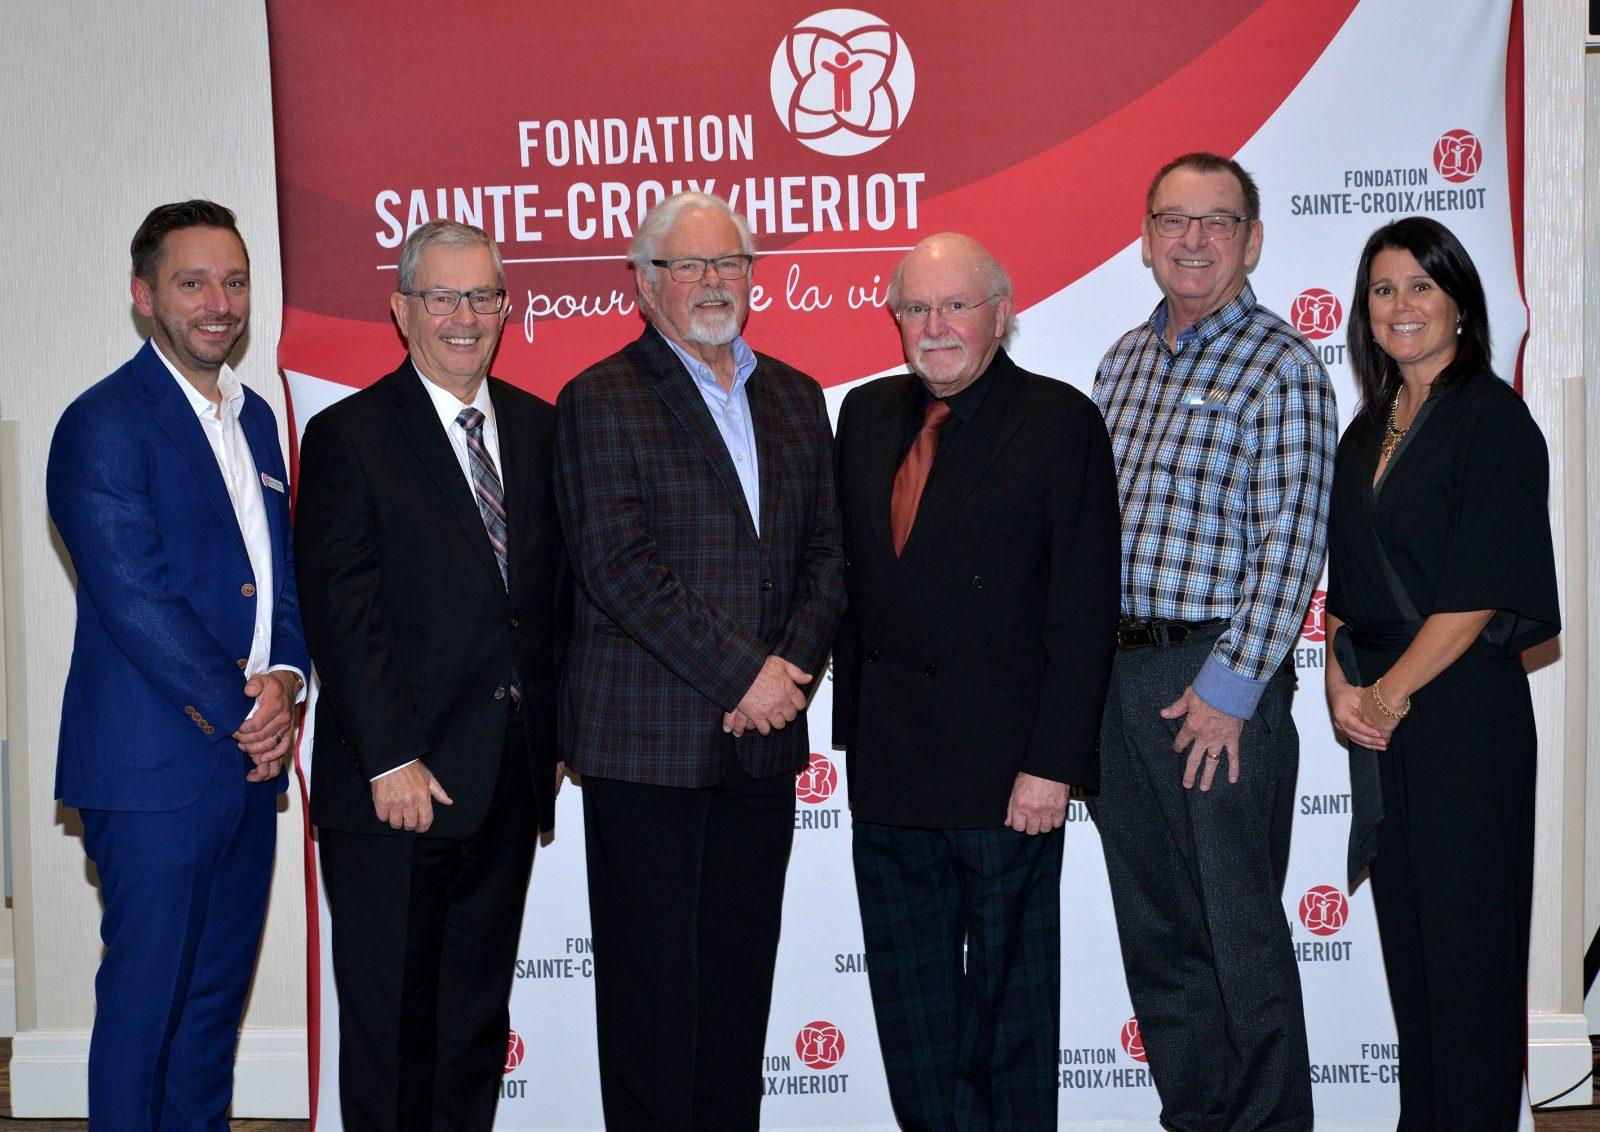 La Fondation Sainte-Croix/Heriot : déjà 40 ans